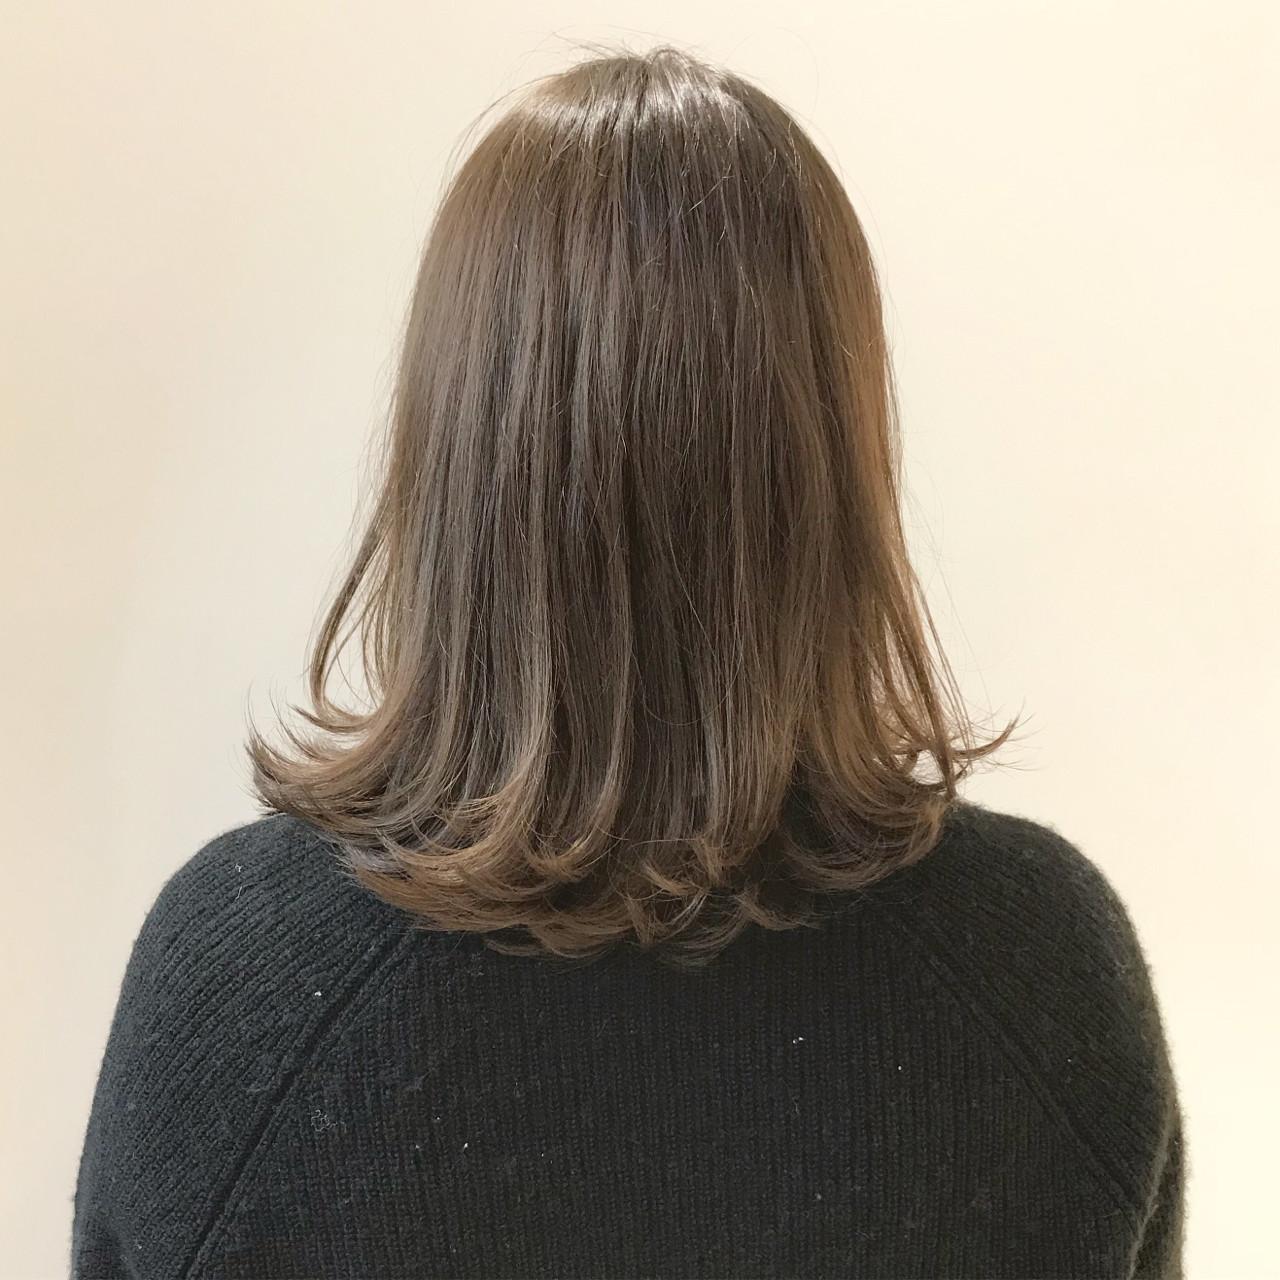 ベージュ ロブ ミディアム ナチュラル ヘアスタイルや髪型の写真・画像